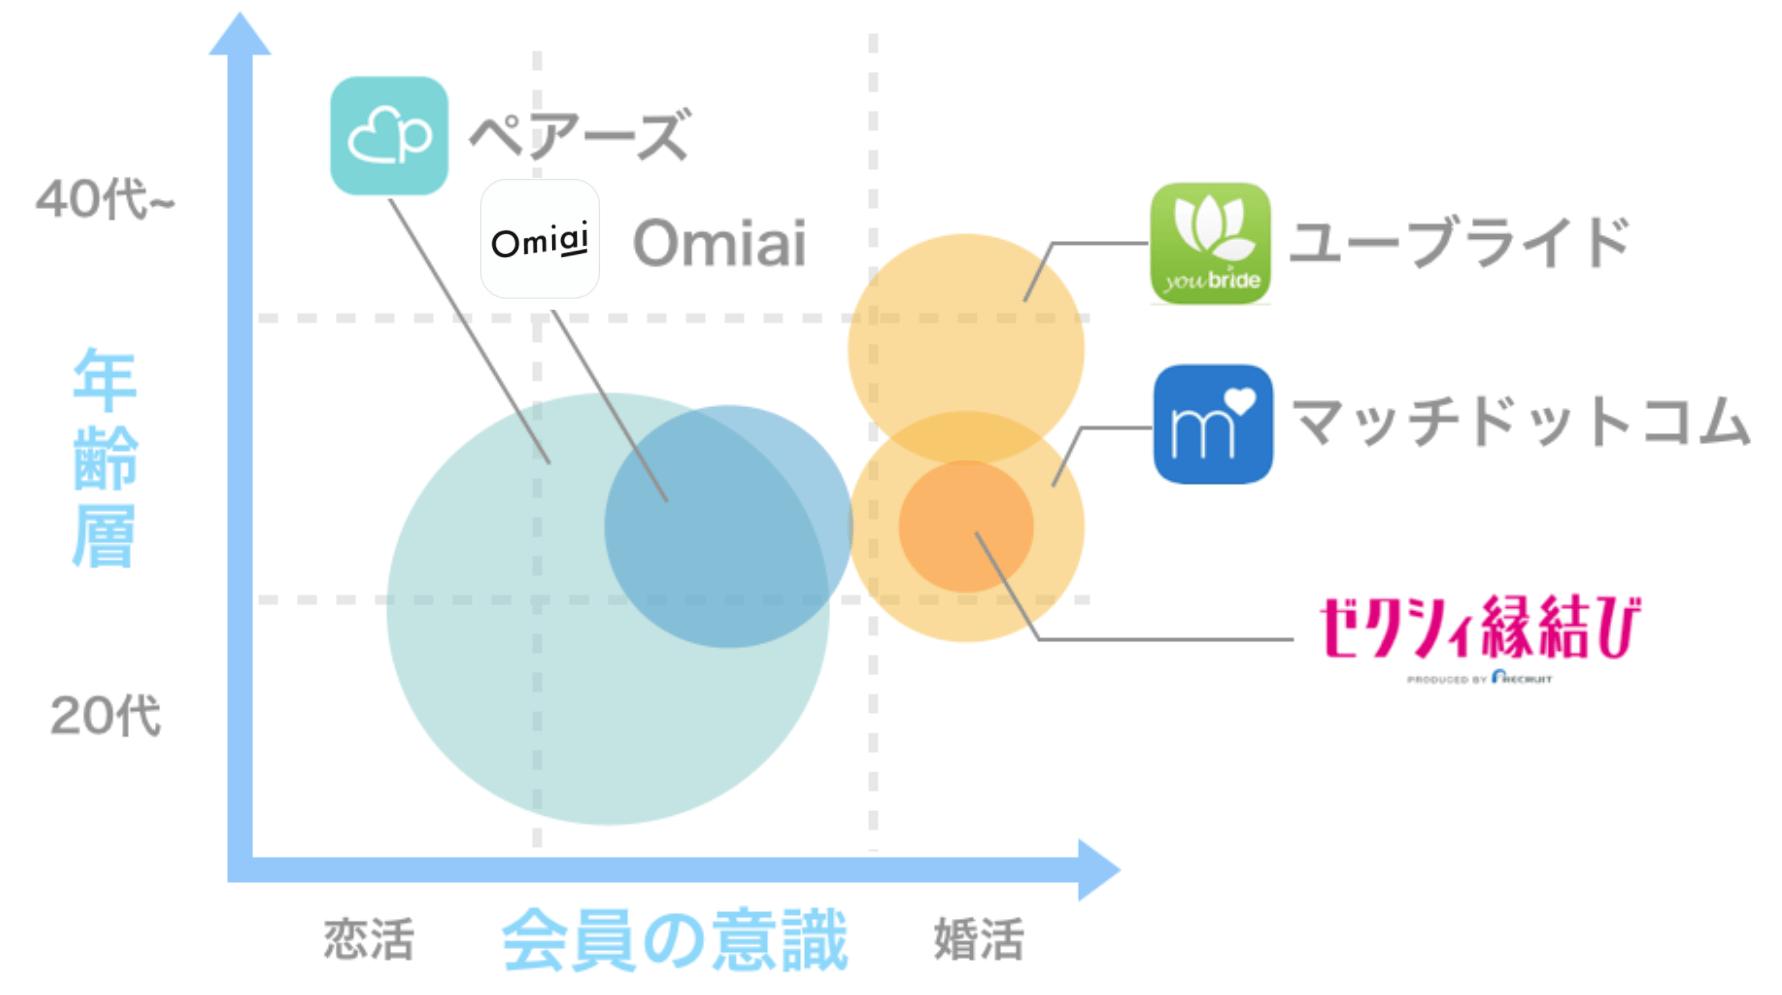 主要アプリ 年齢×意識別分布図